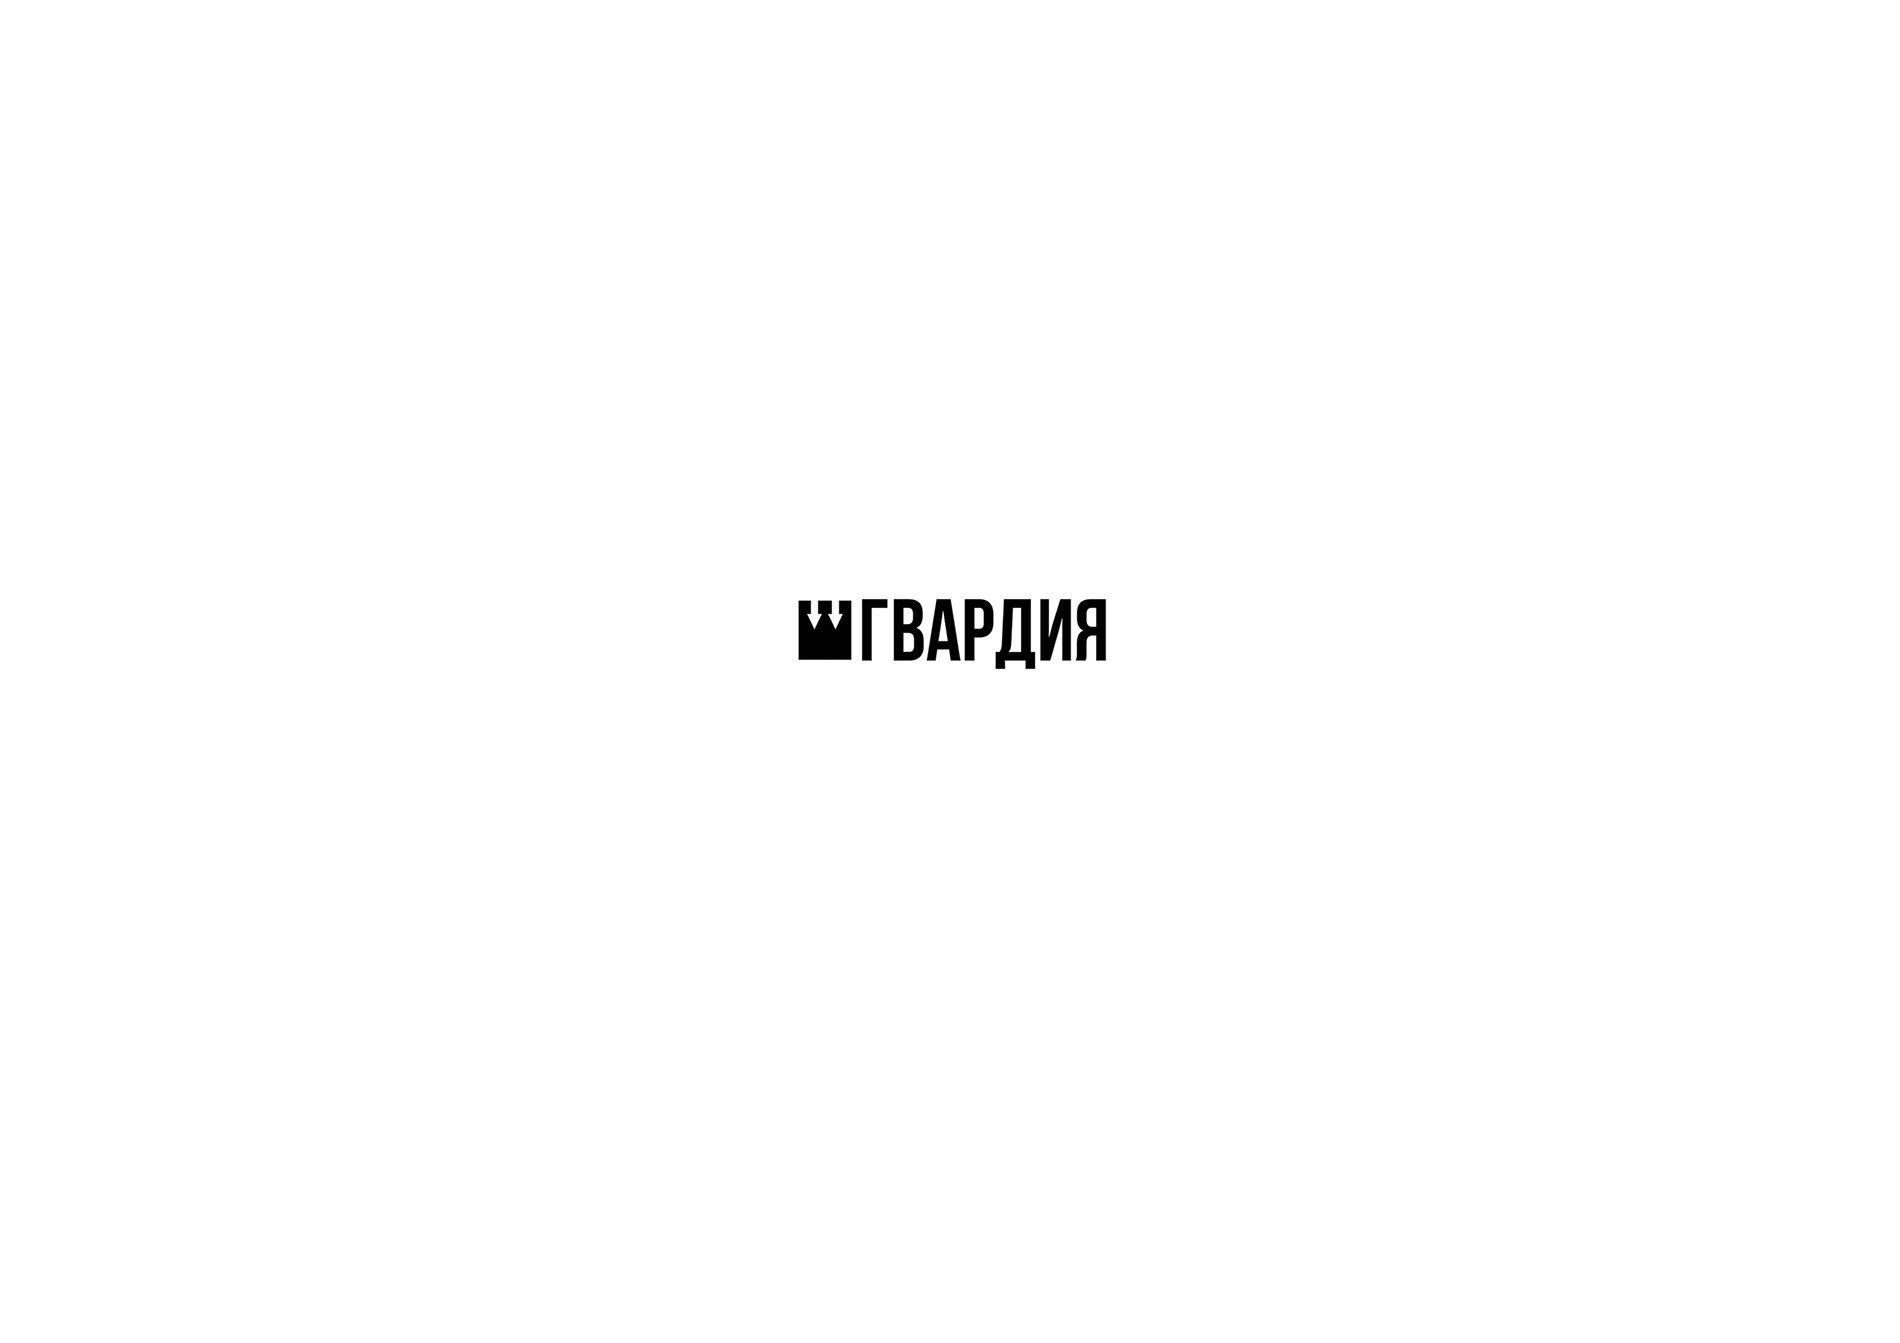 Логотип для Гвардия - дизайнер Graciozy